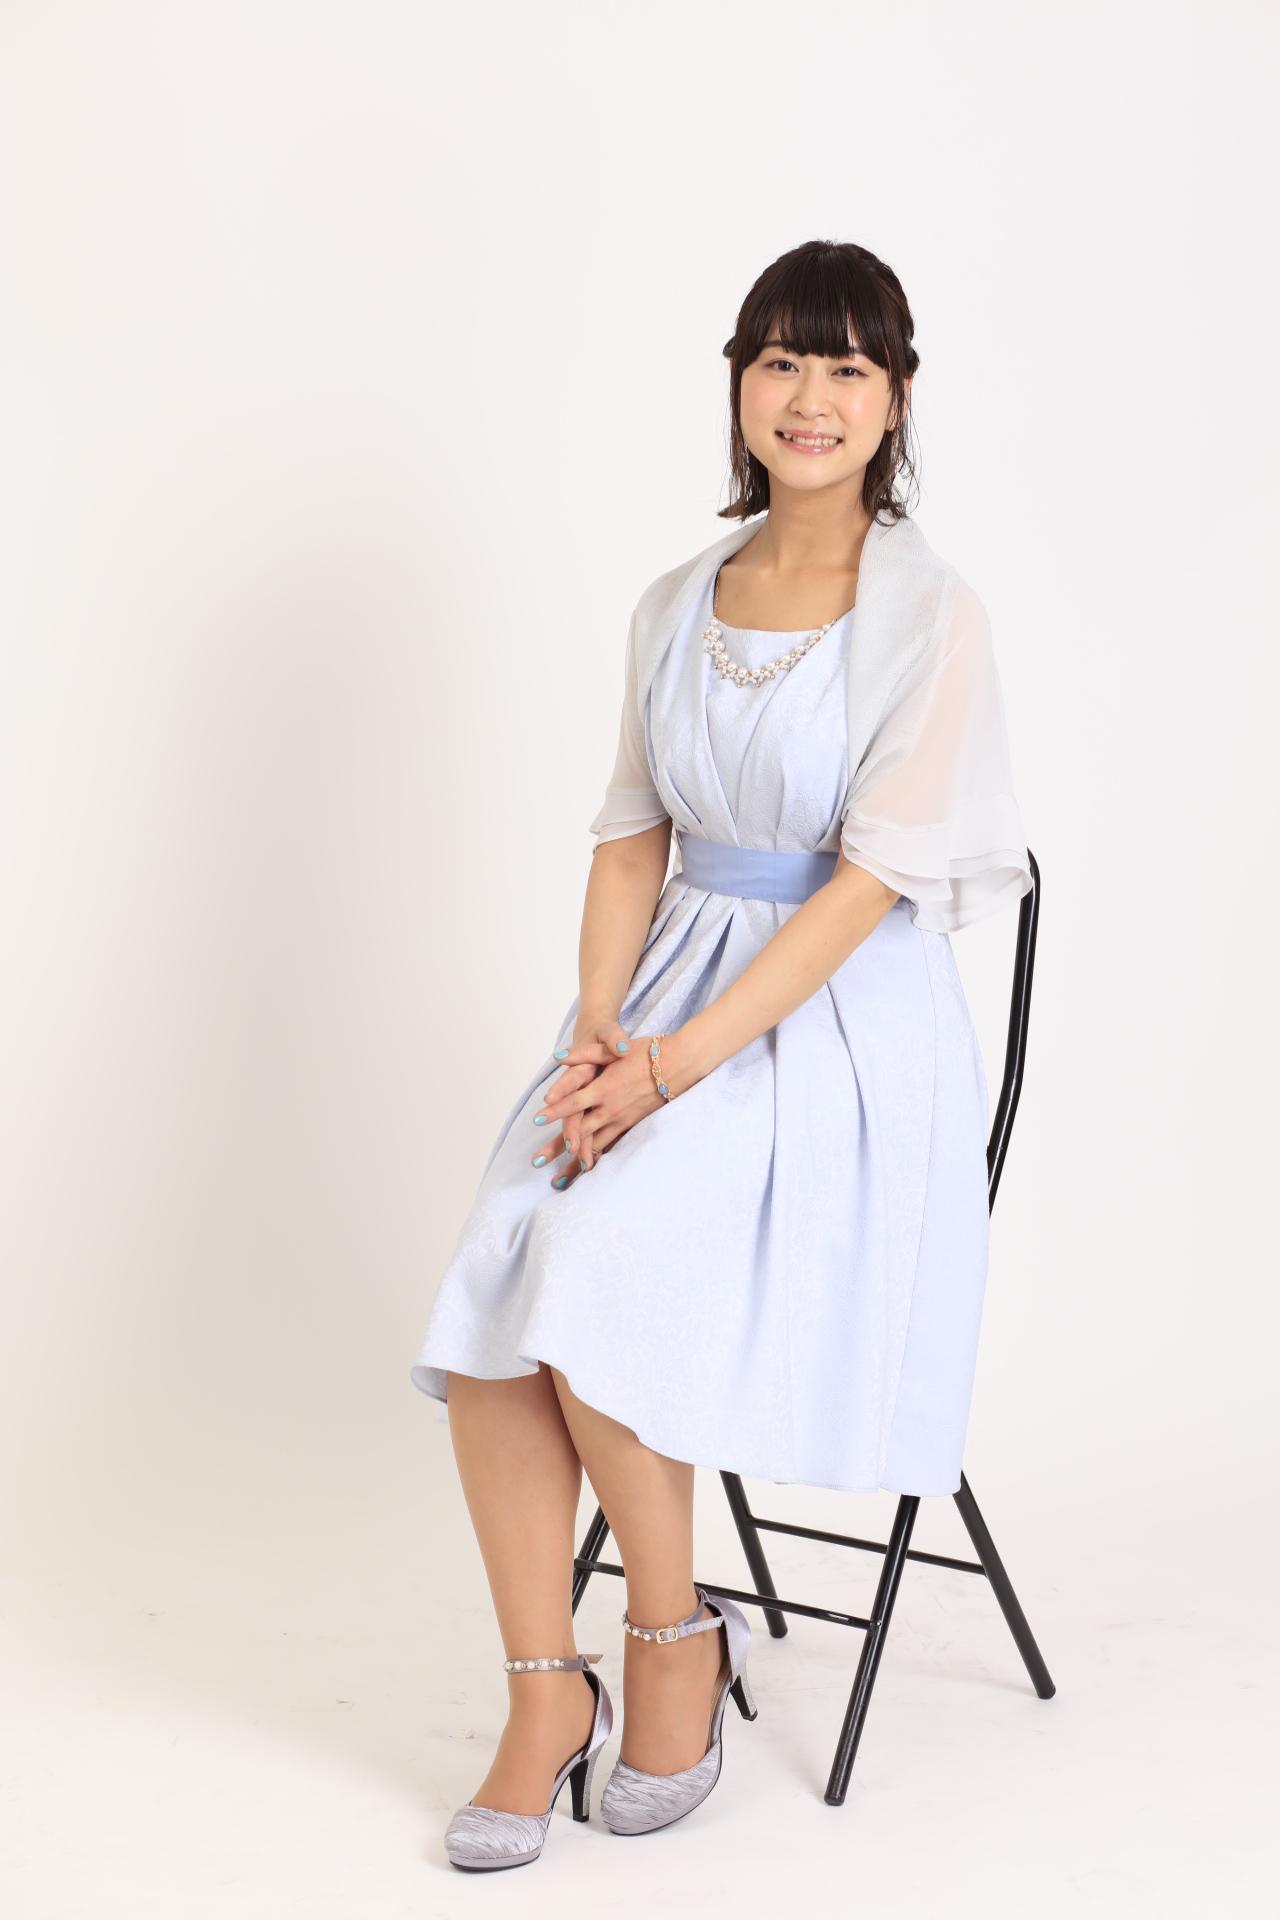 ▲本泉莉奈さん(薬師寺さあや/キュアアンジュ役)